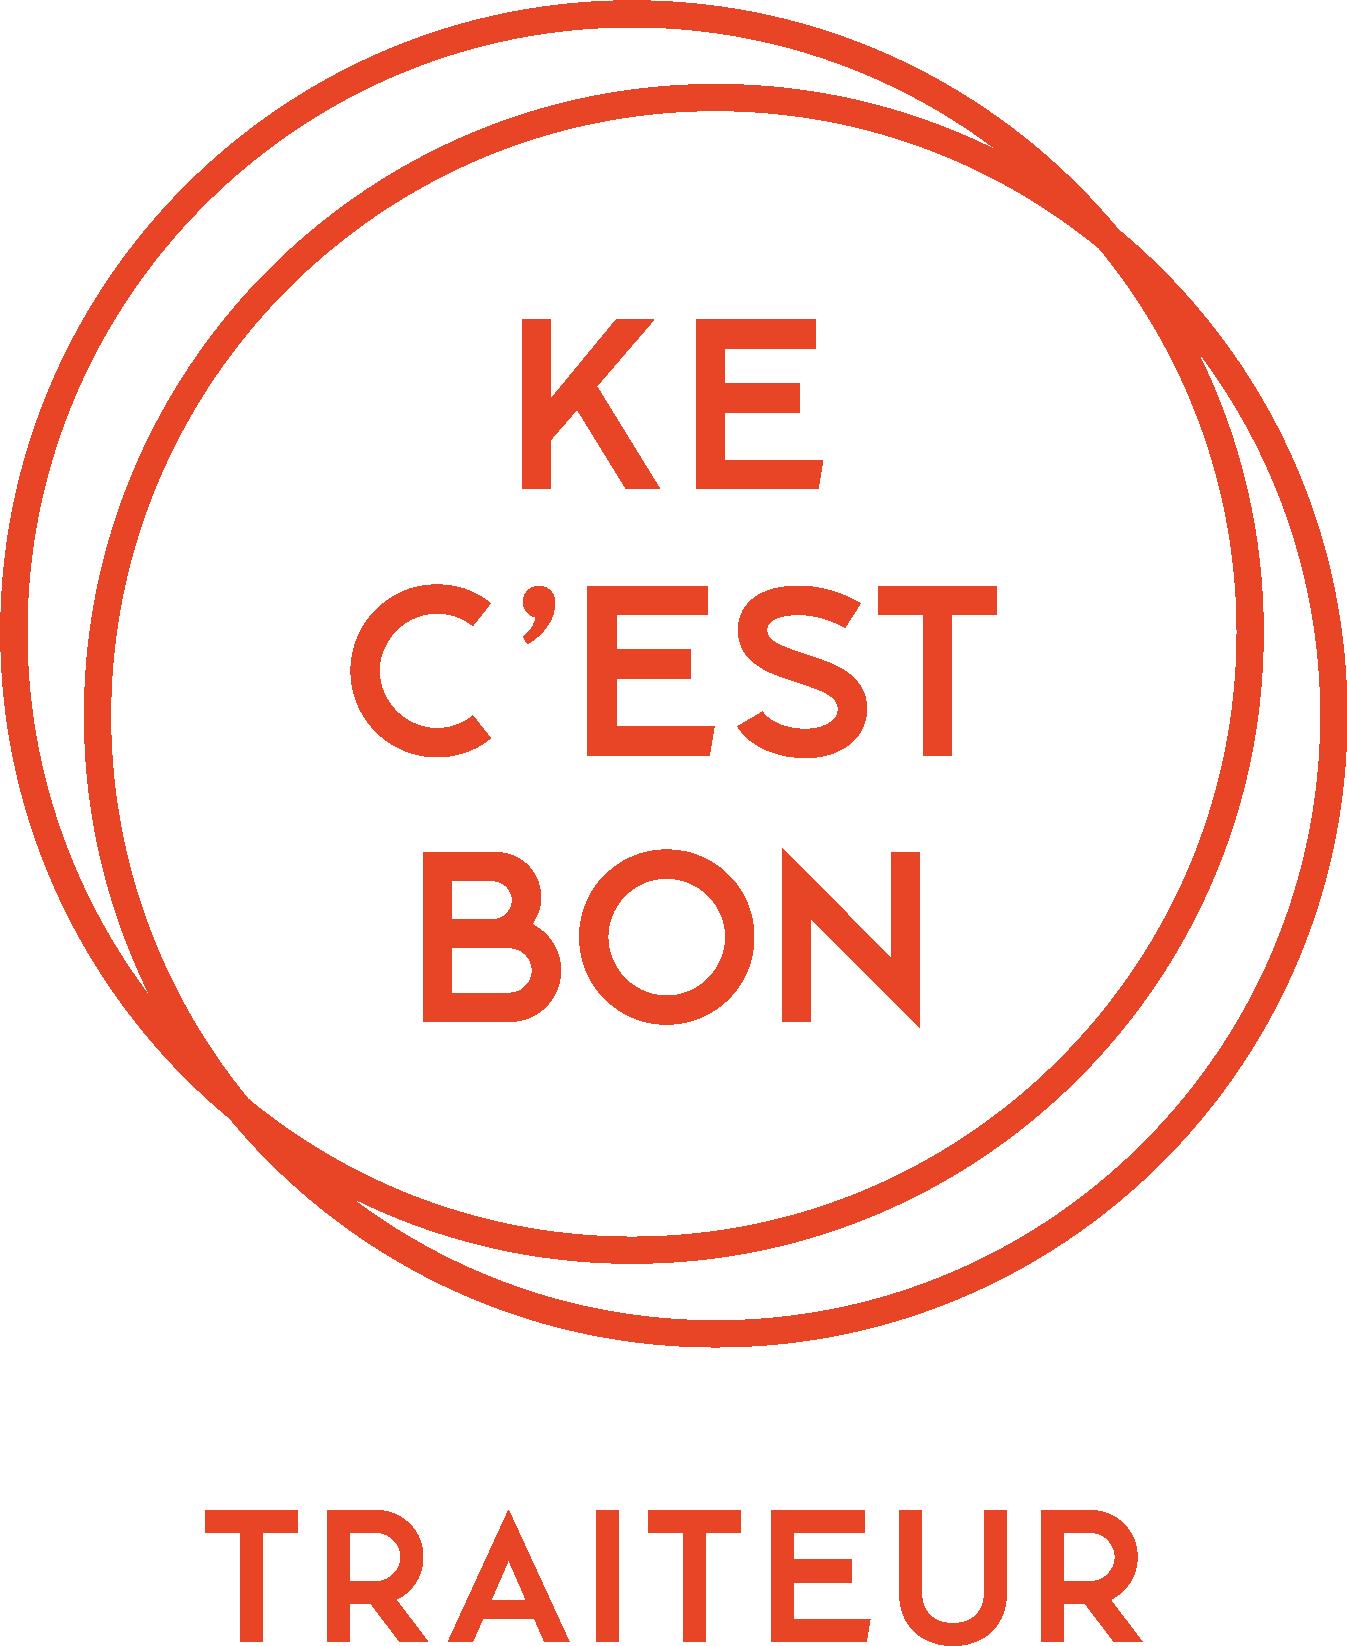 Ke C'est Bon Traiteur